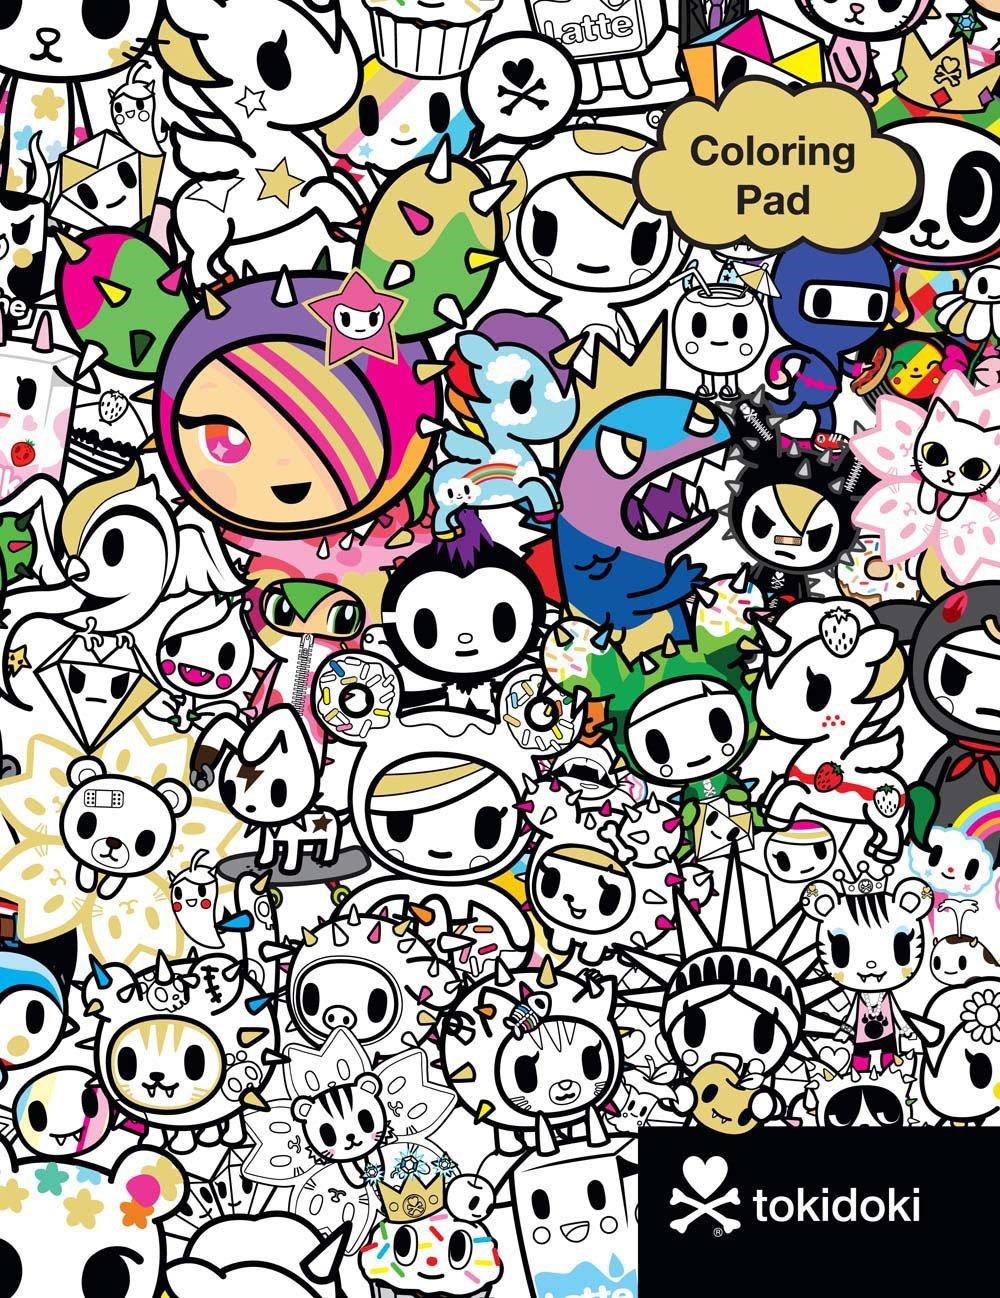 Tokidoki Coloring Pad  Tokidoki  9781454921837  Amazon Com  Books